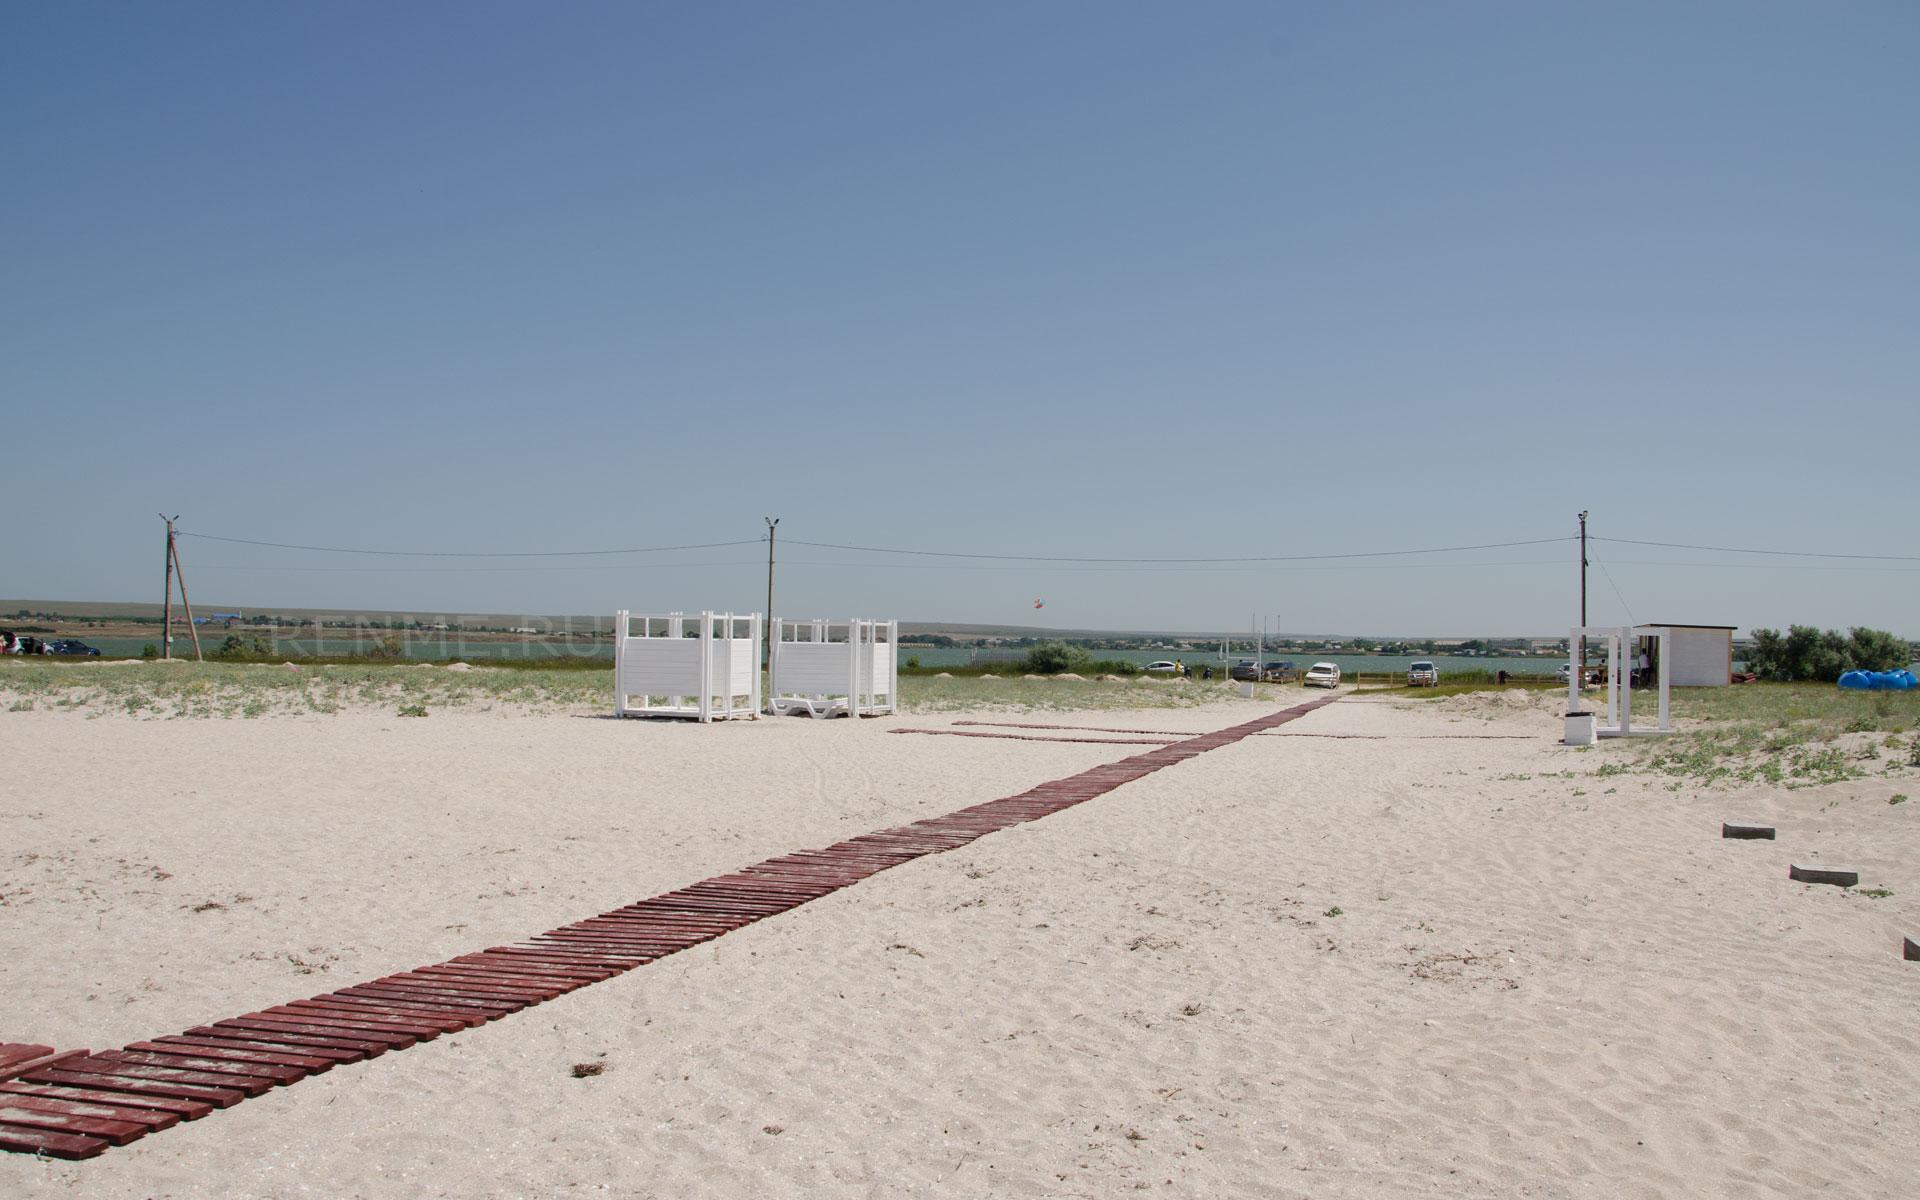 Песчаный бесплатный пляж в Оленевке. Фото Оленевки